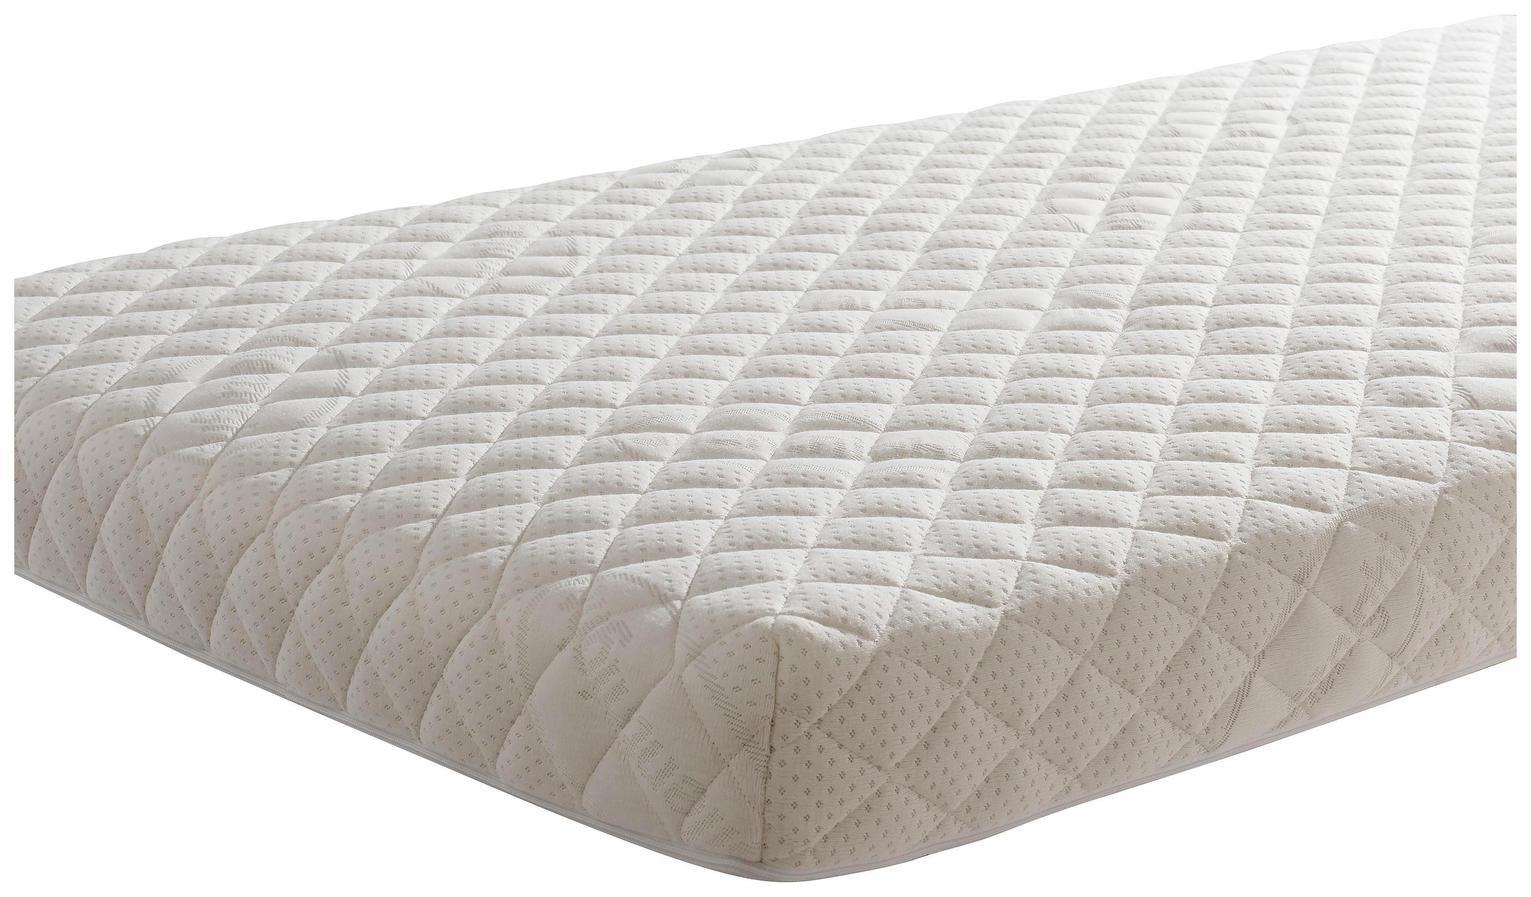 Silentnight Luxury Pocket Cot Bed Mattress 70 x 140cm